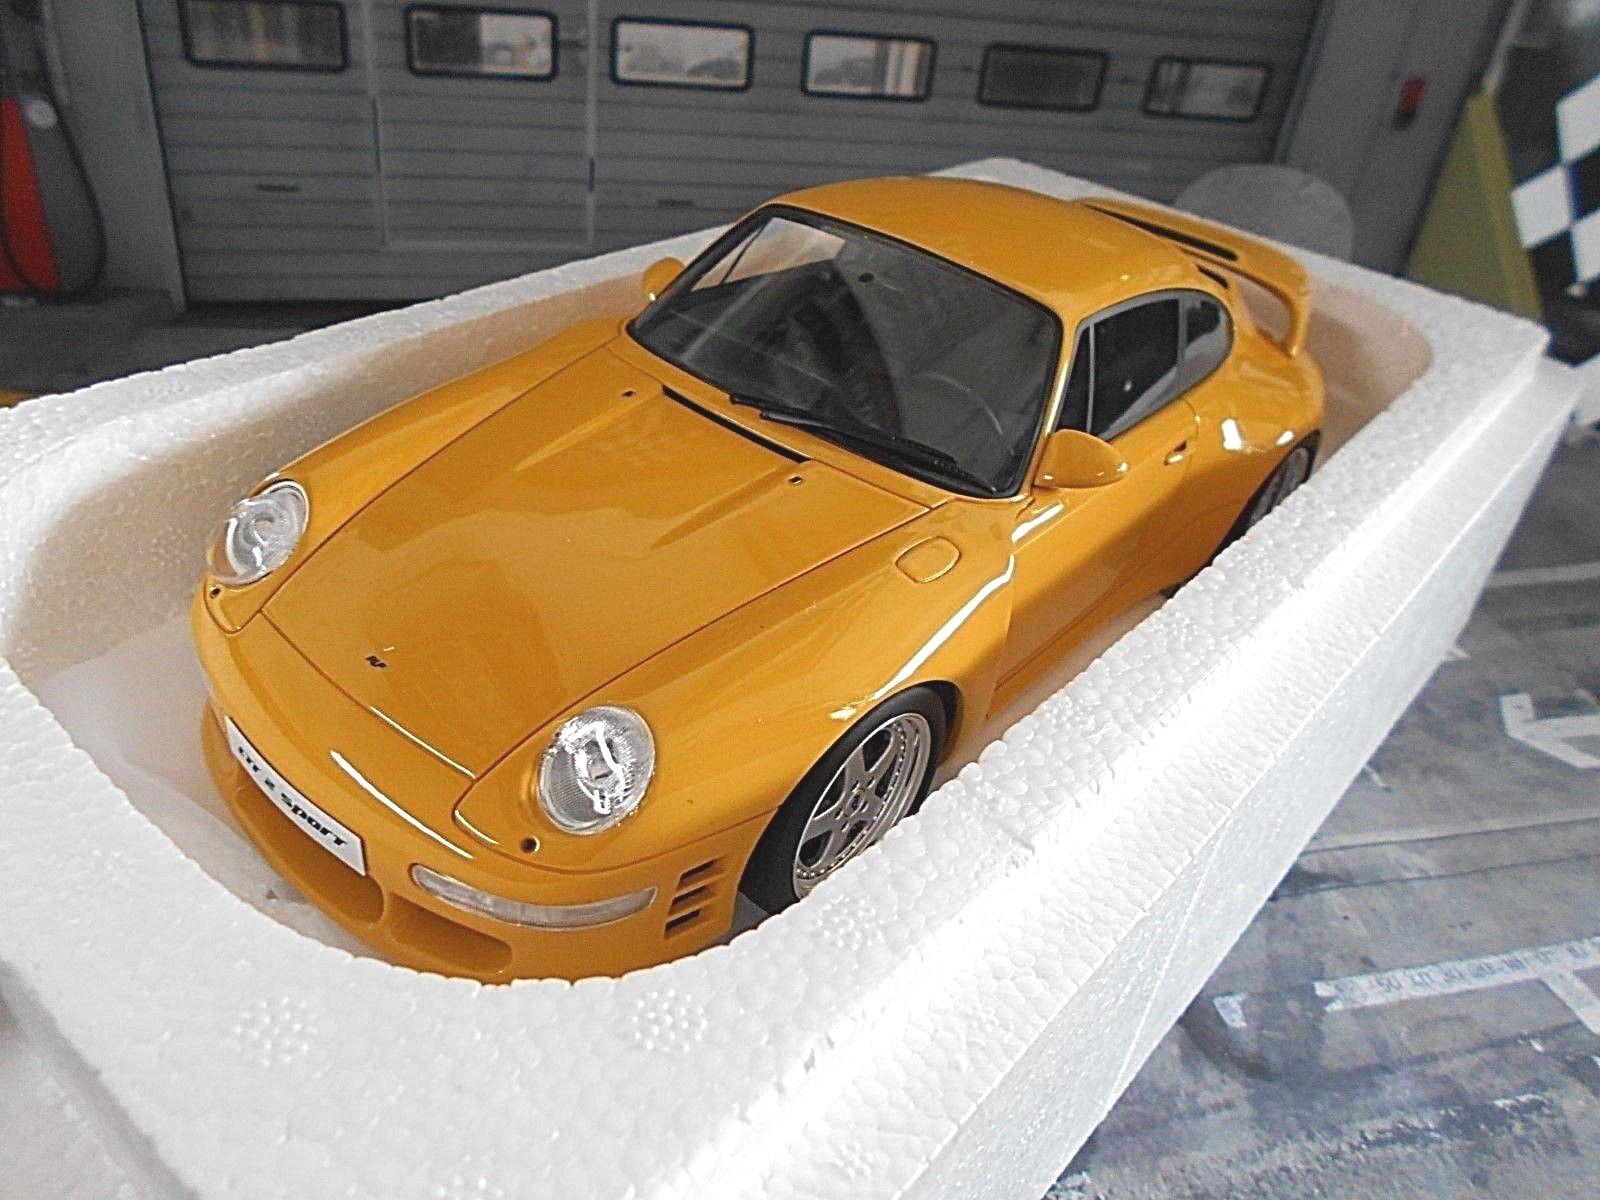 Porsche 911 993 réputation Tuning ctr2 Sport Jaune 1997 GT Spirit gt141 NEUF 1 18